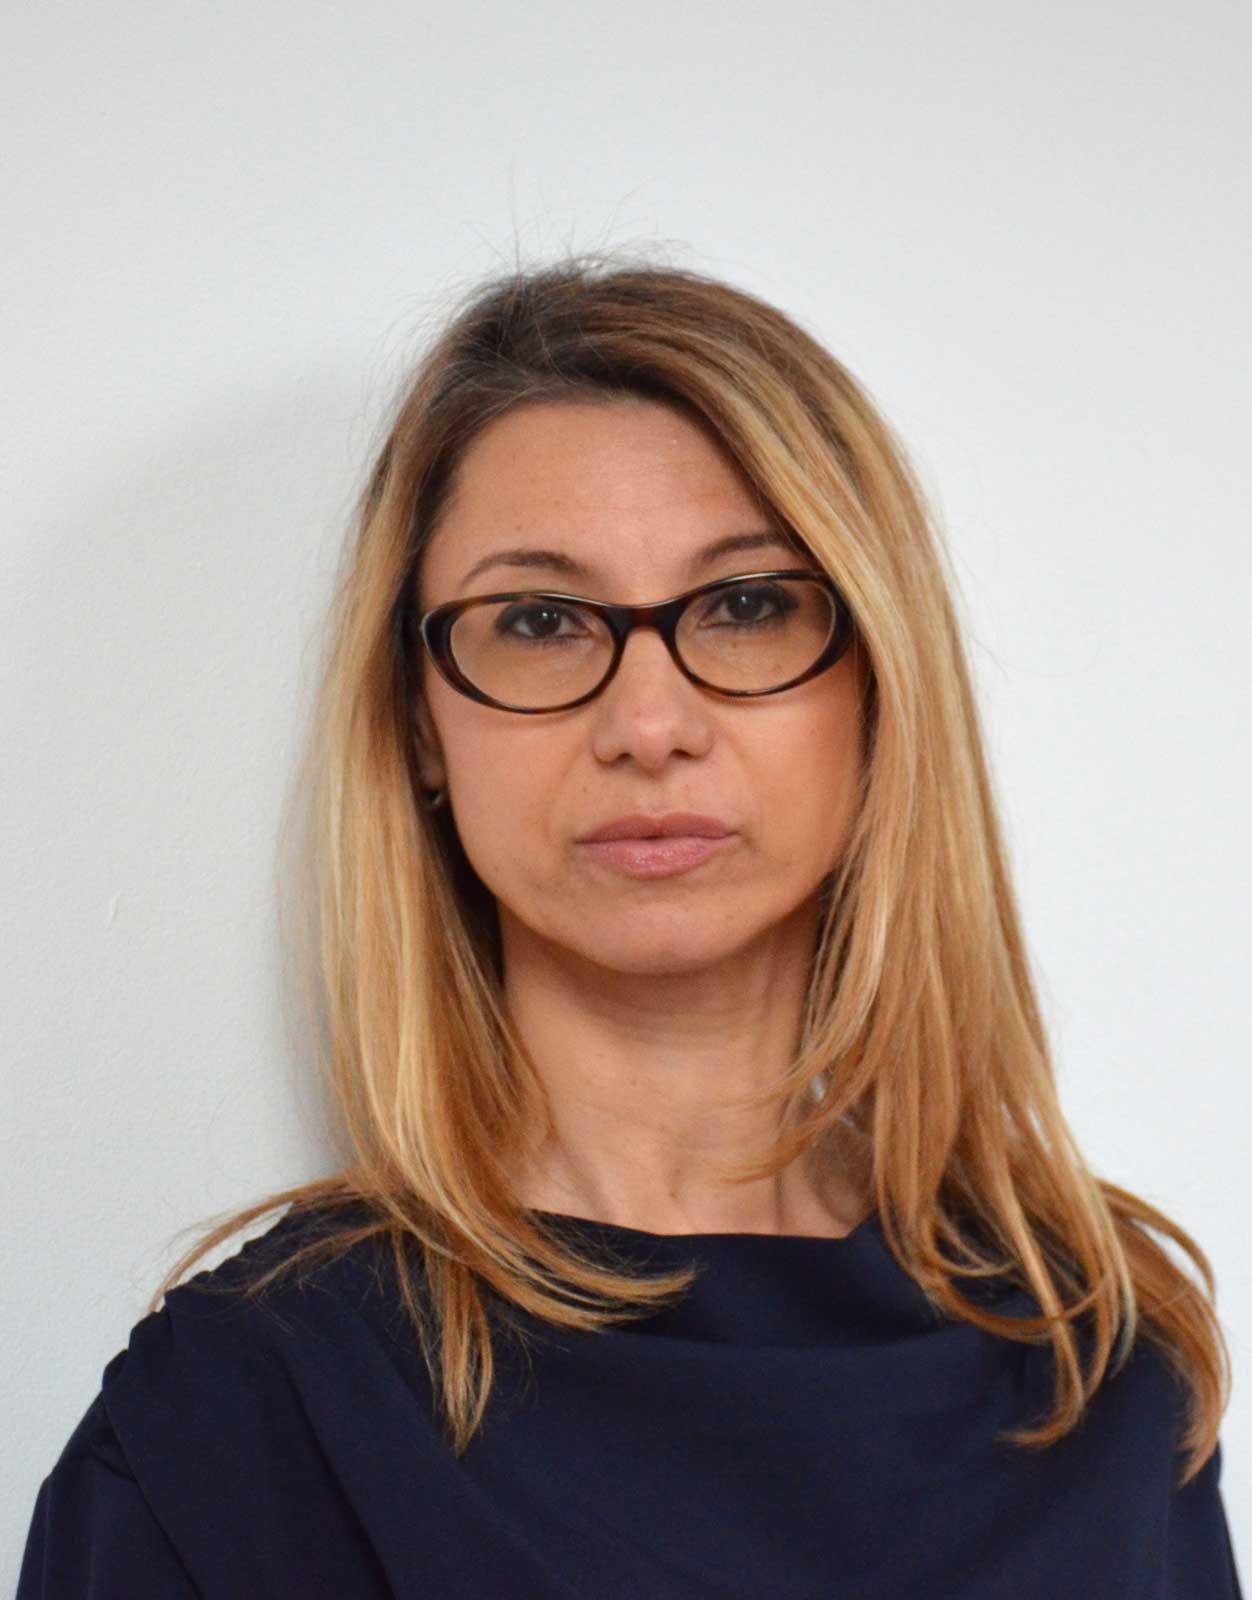 Andreea Riti